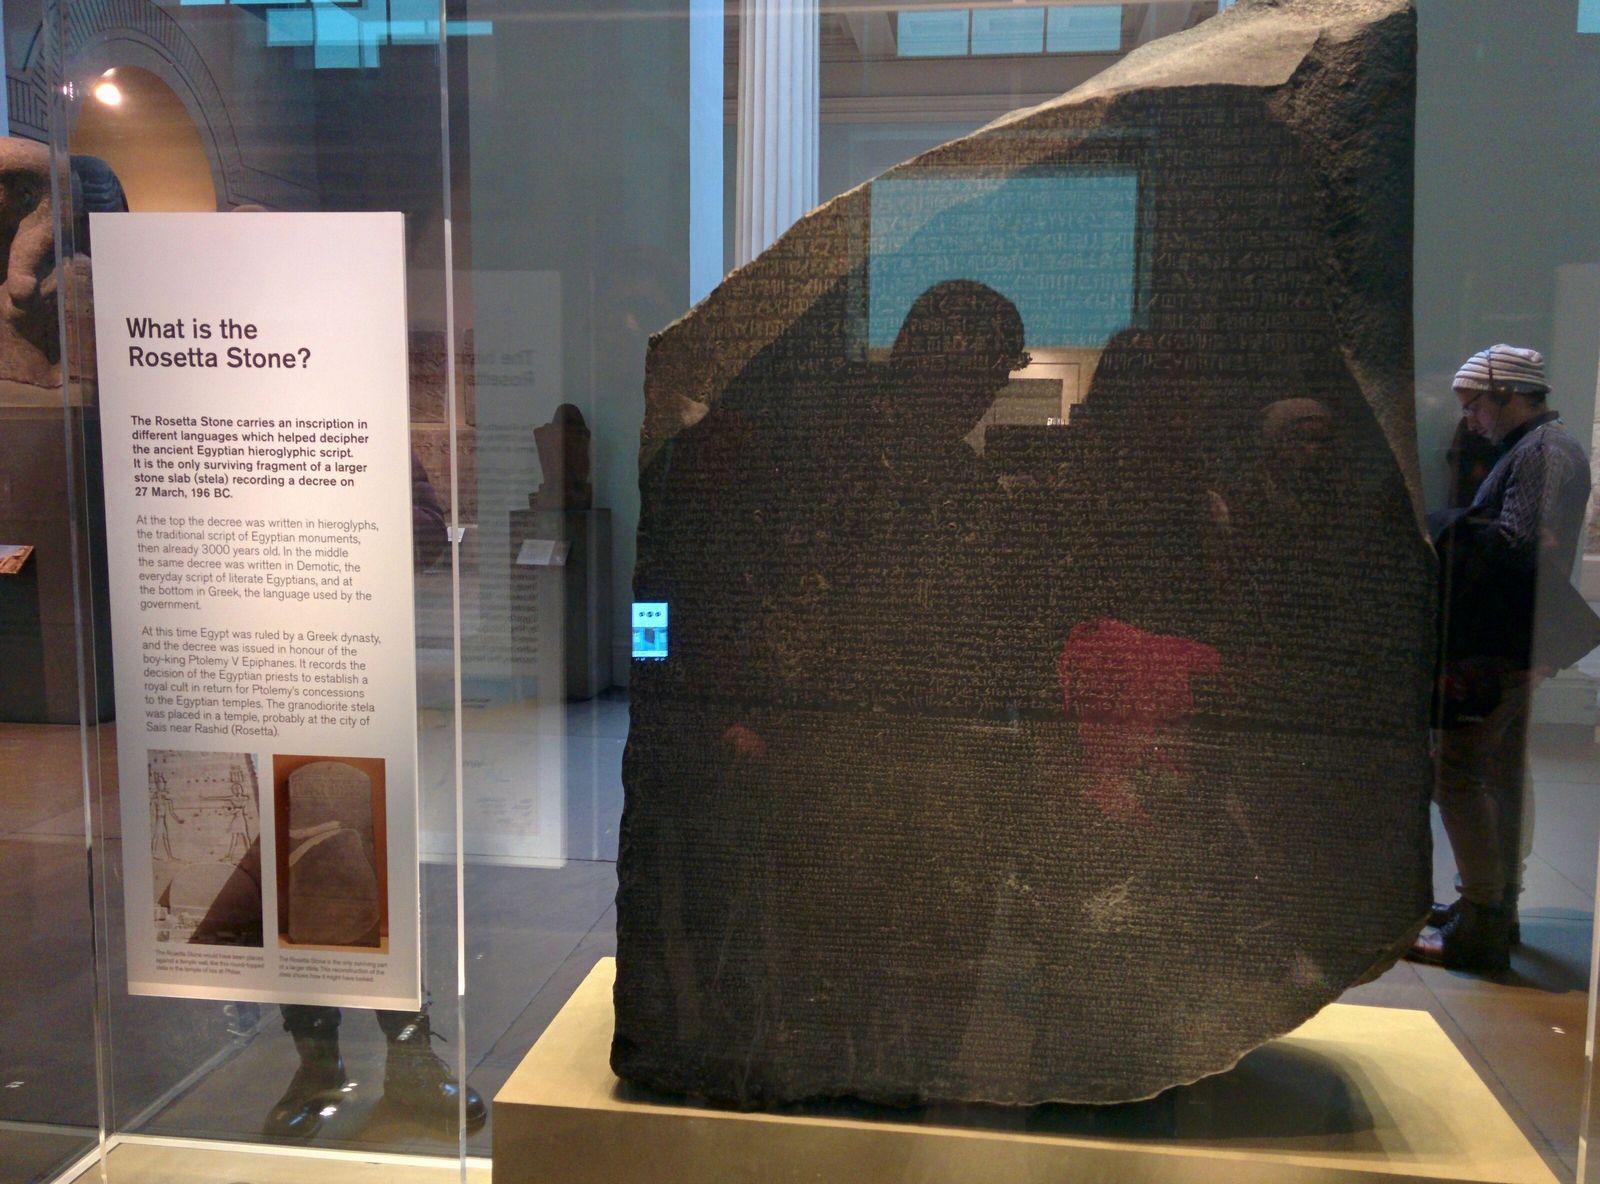 Y aquí tenemos la Rosetta Stone